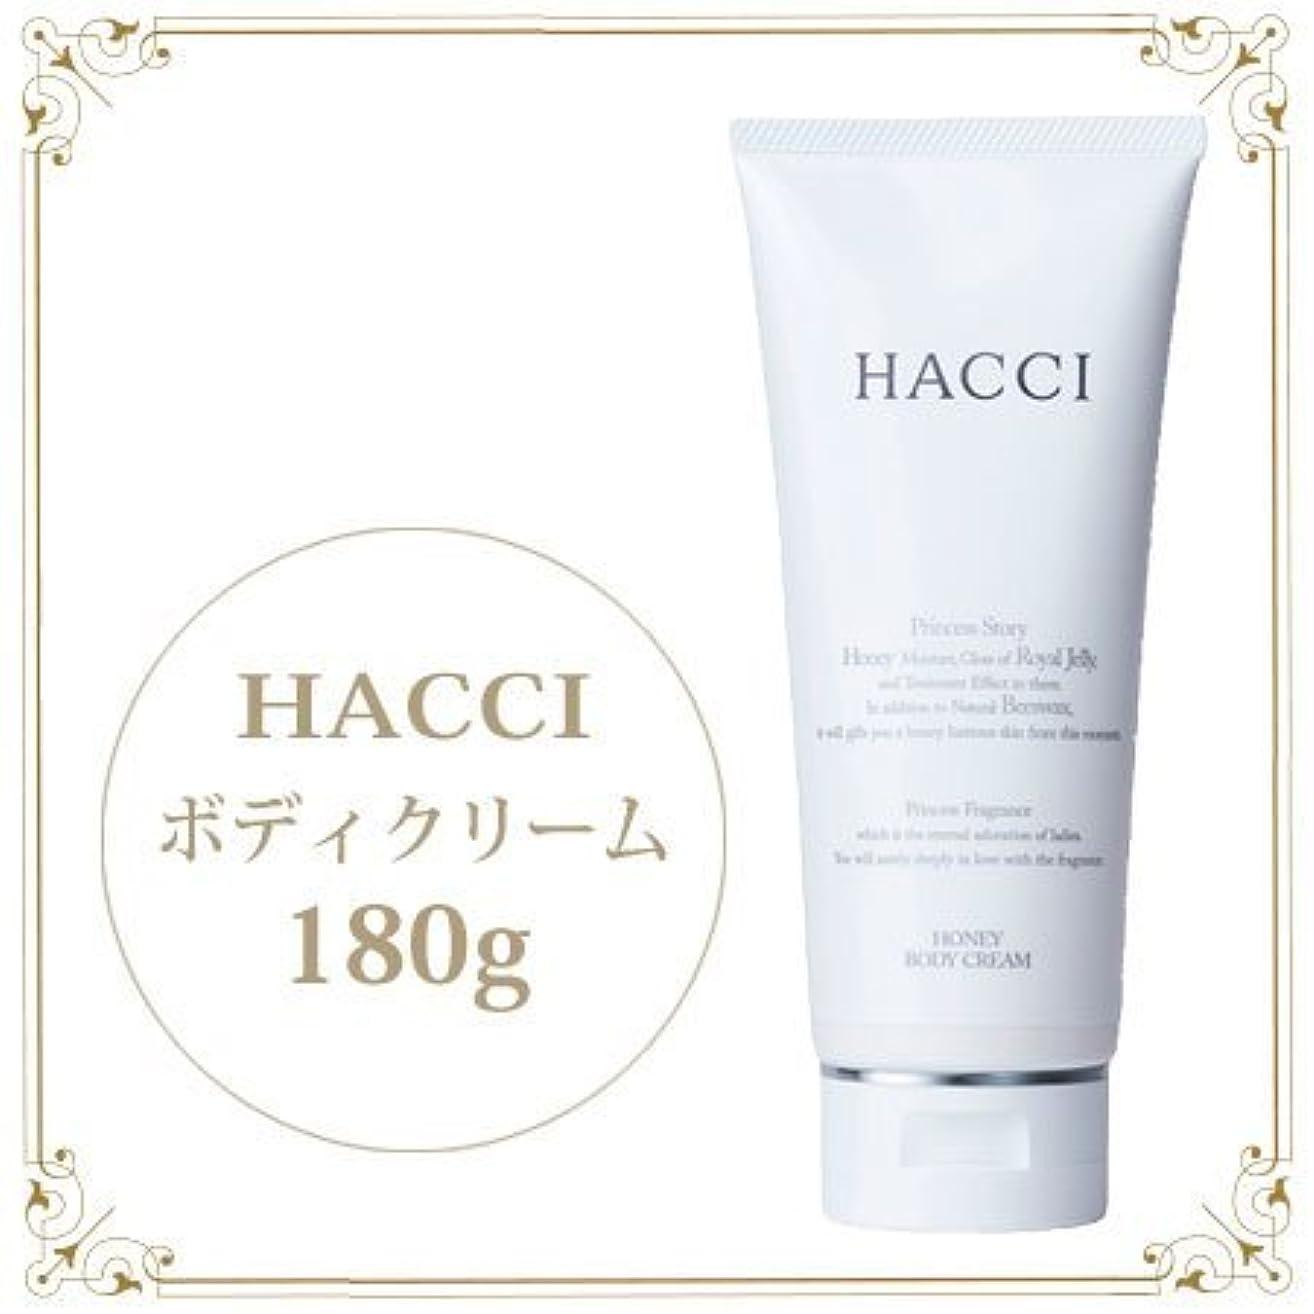 決めます中級偏見ハッチ ボディクリーム 180g -HACCI 1912-